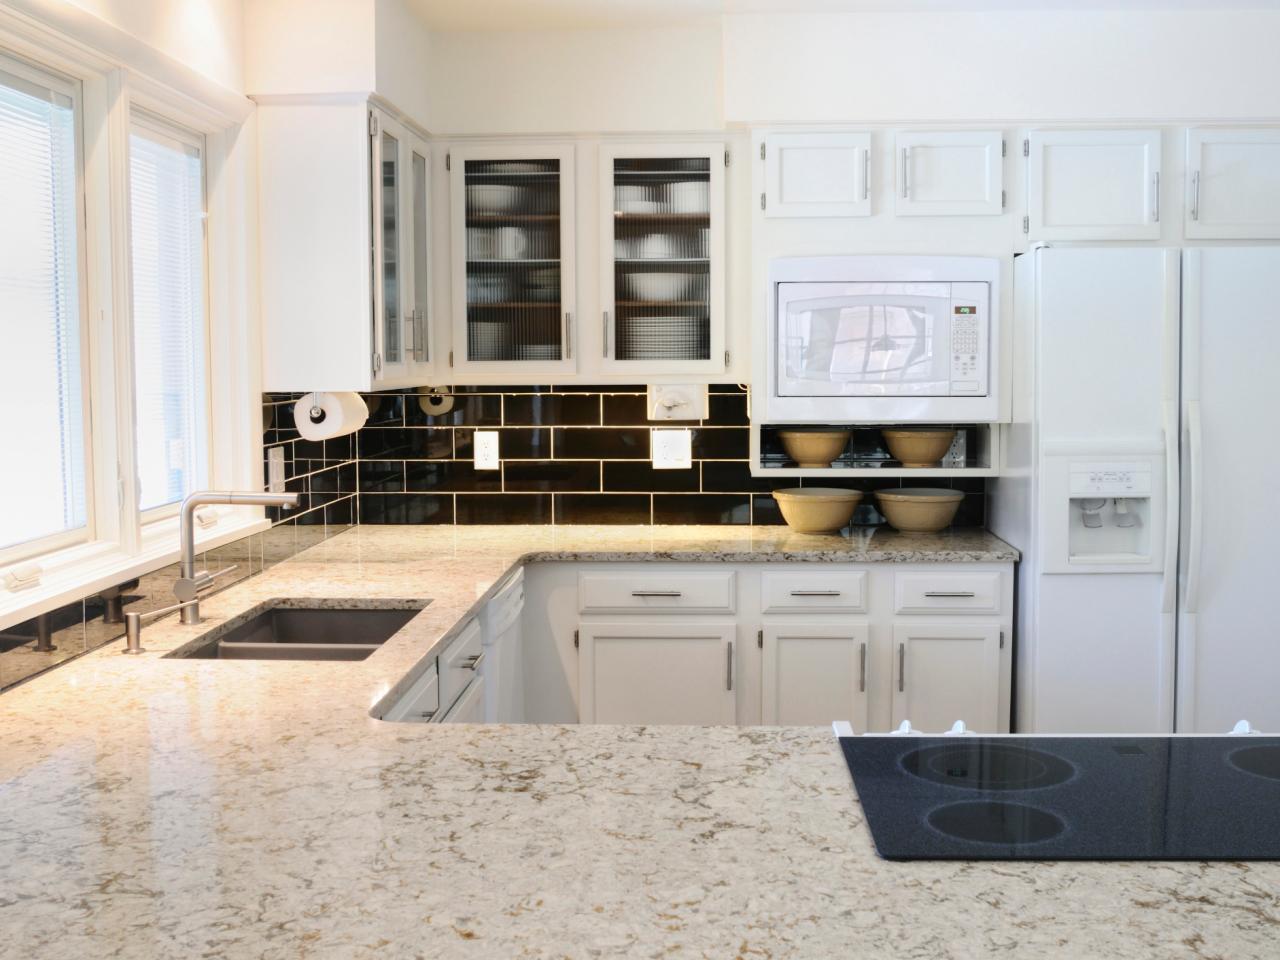 granite kitchen counter White.jpeg